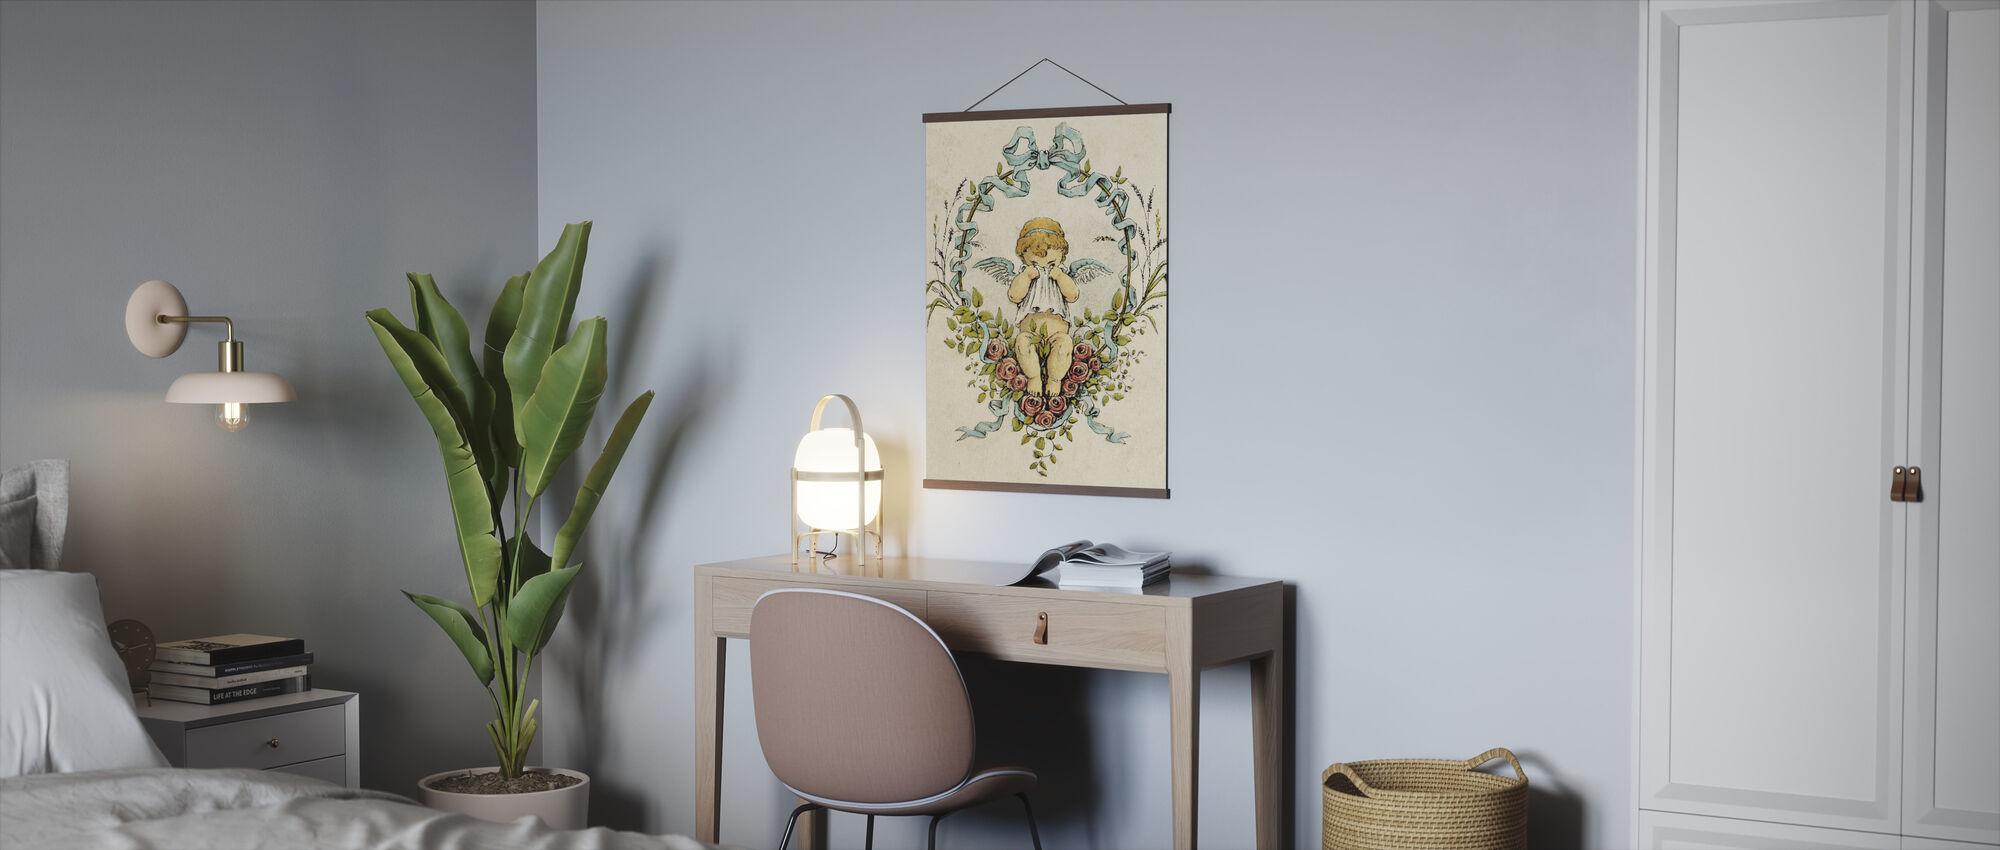 Huilende Cupido - Poster - Kantoor